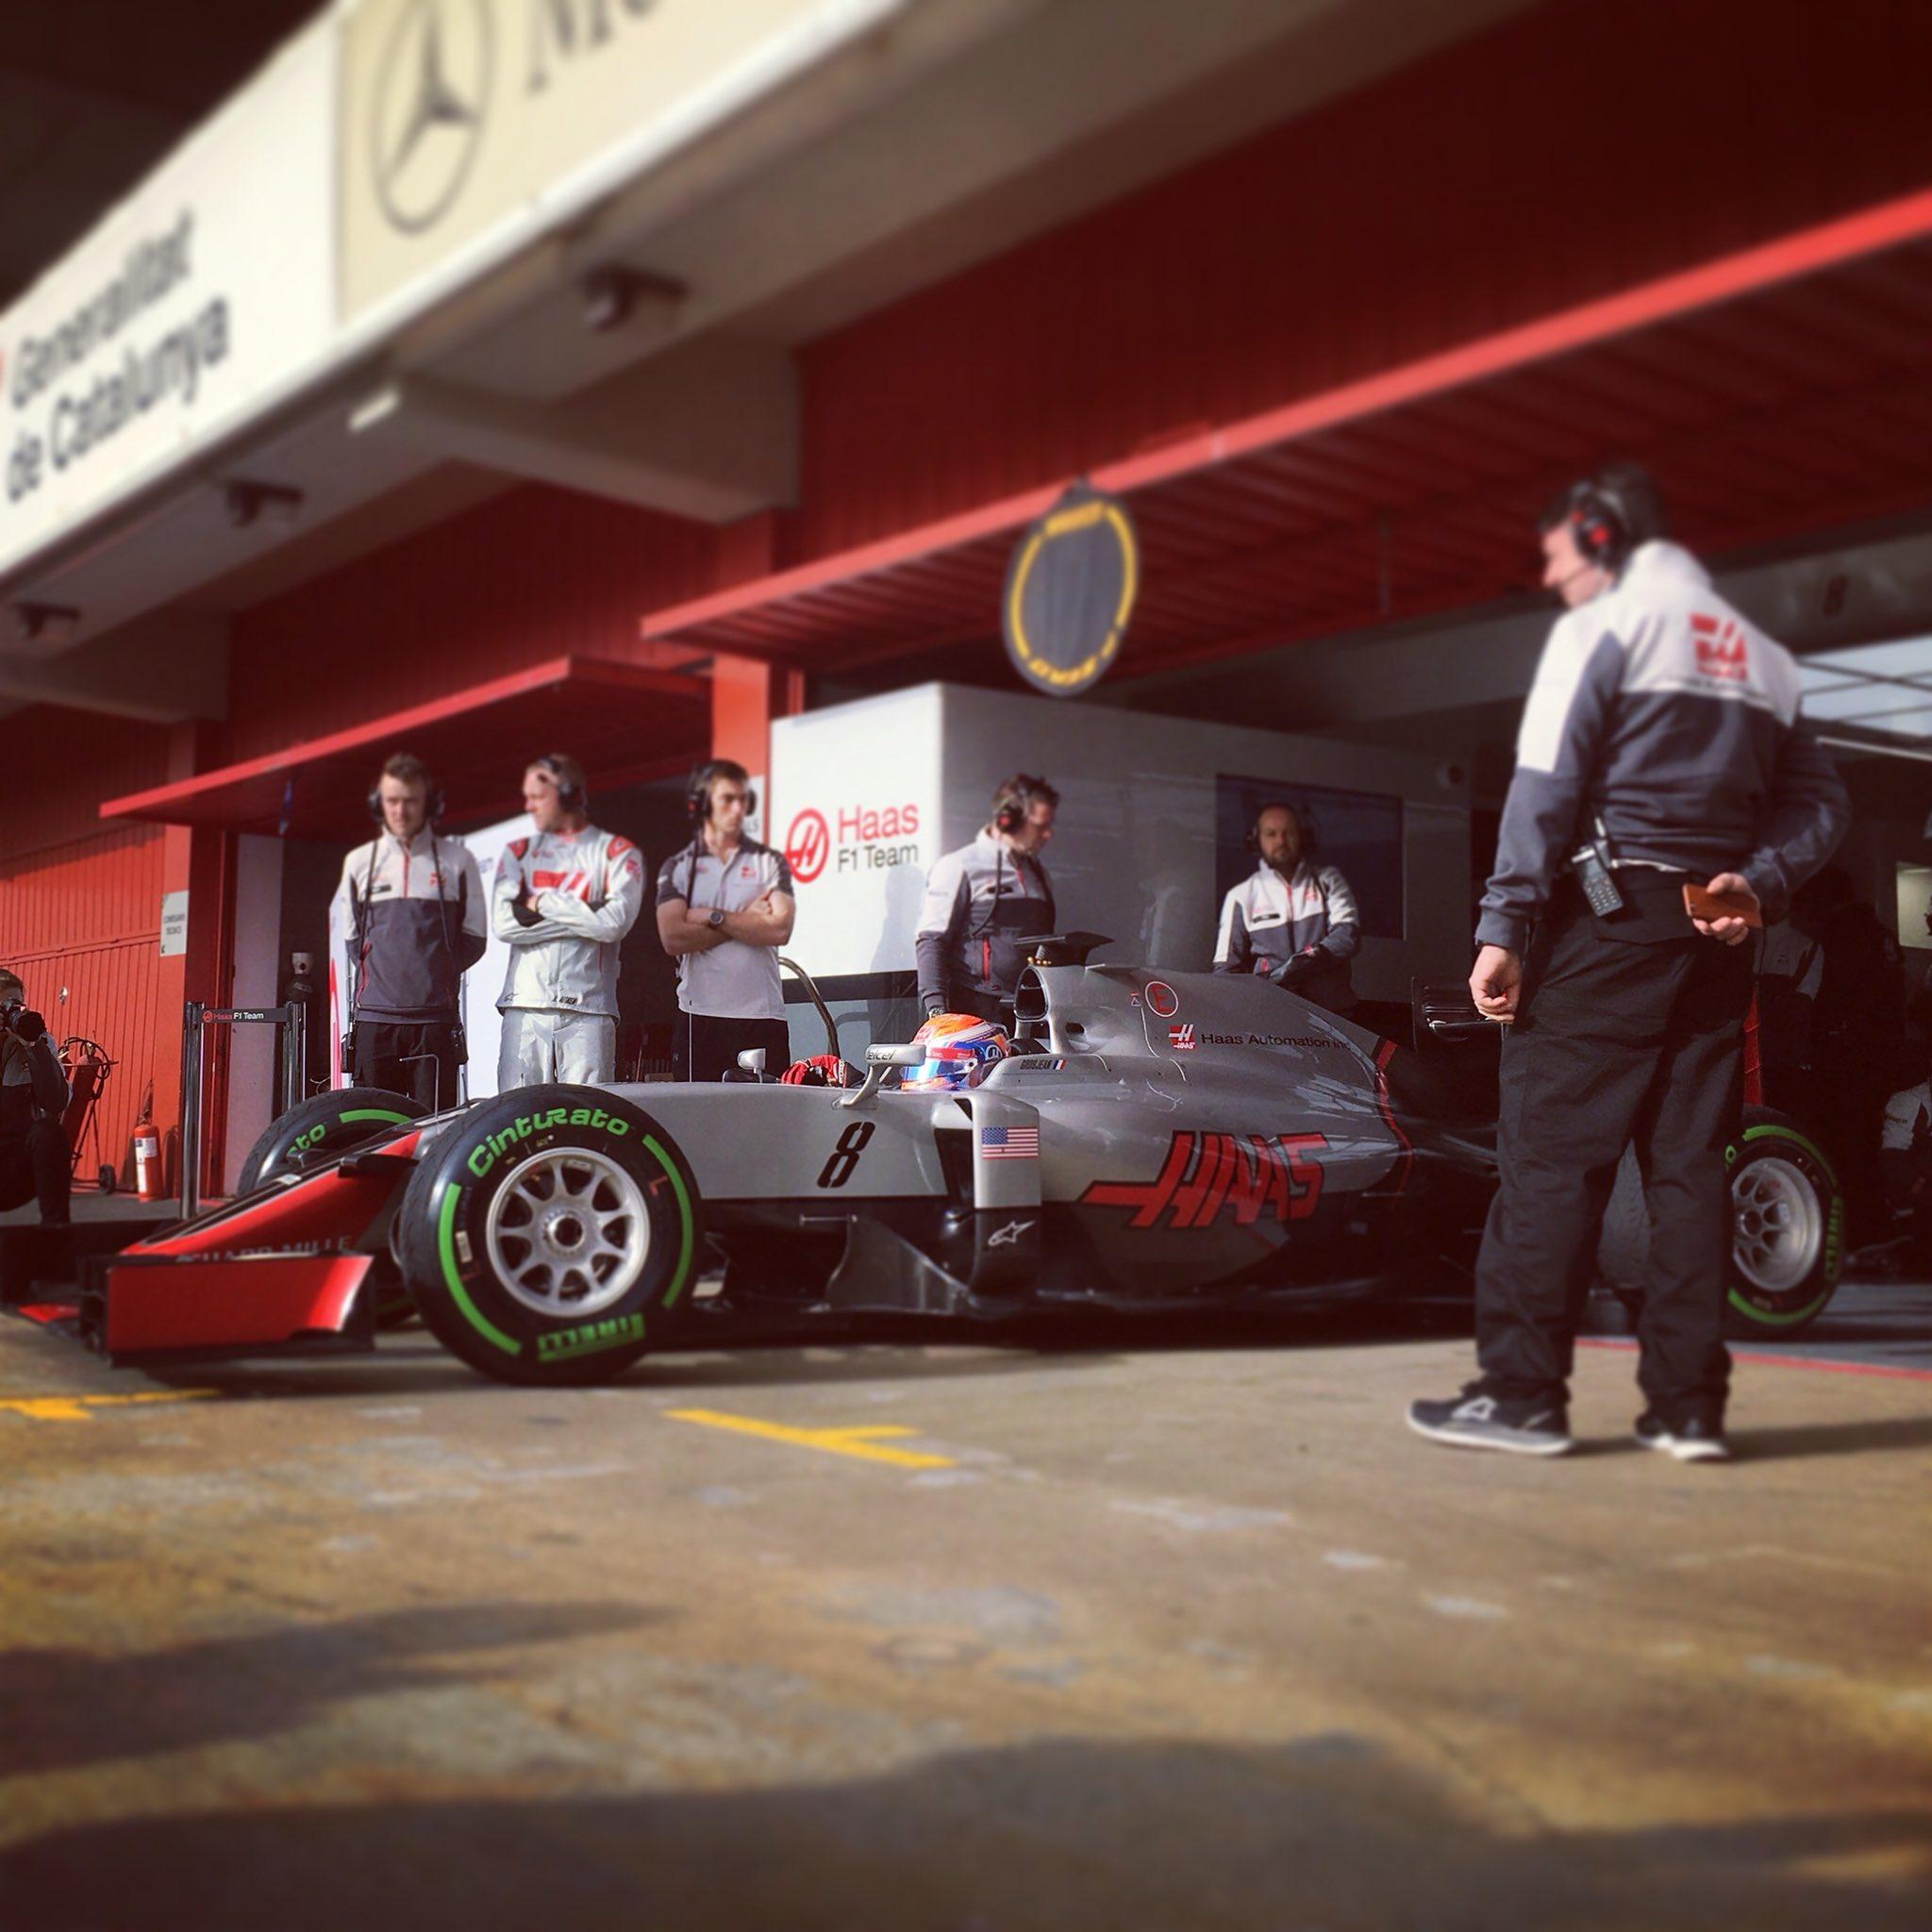 Що можна побачити у новому сезоні Формули-1 - фото 11